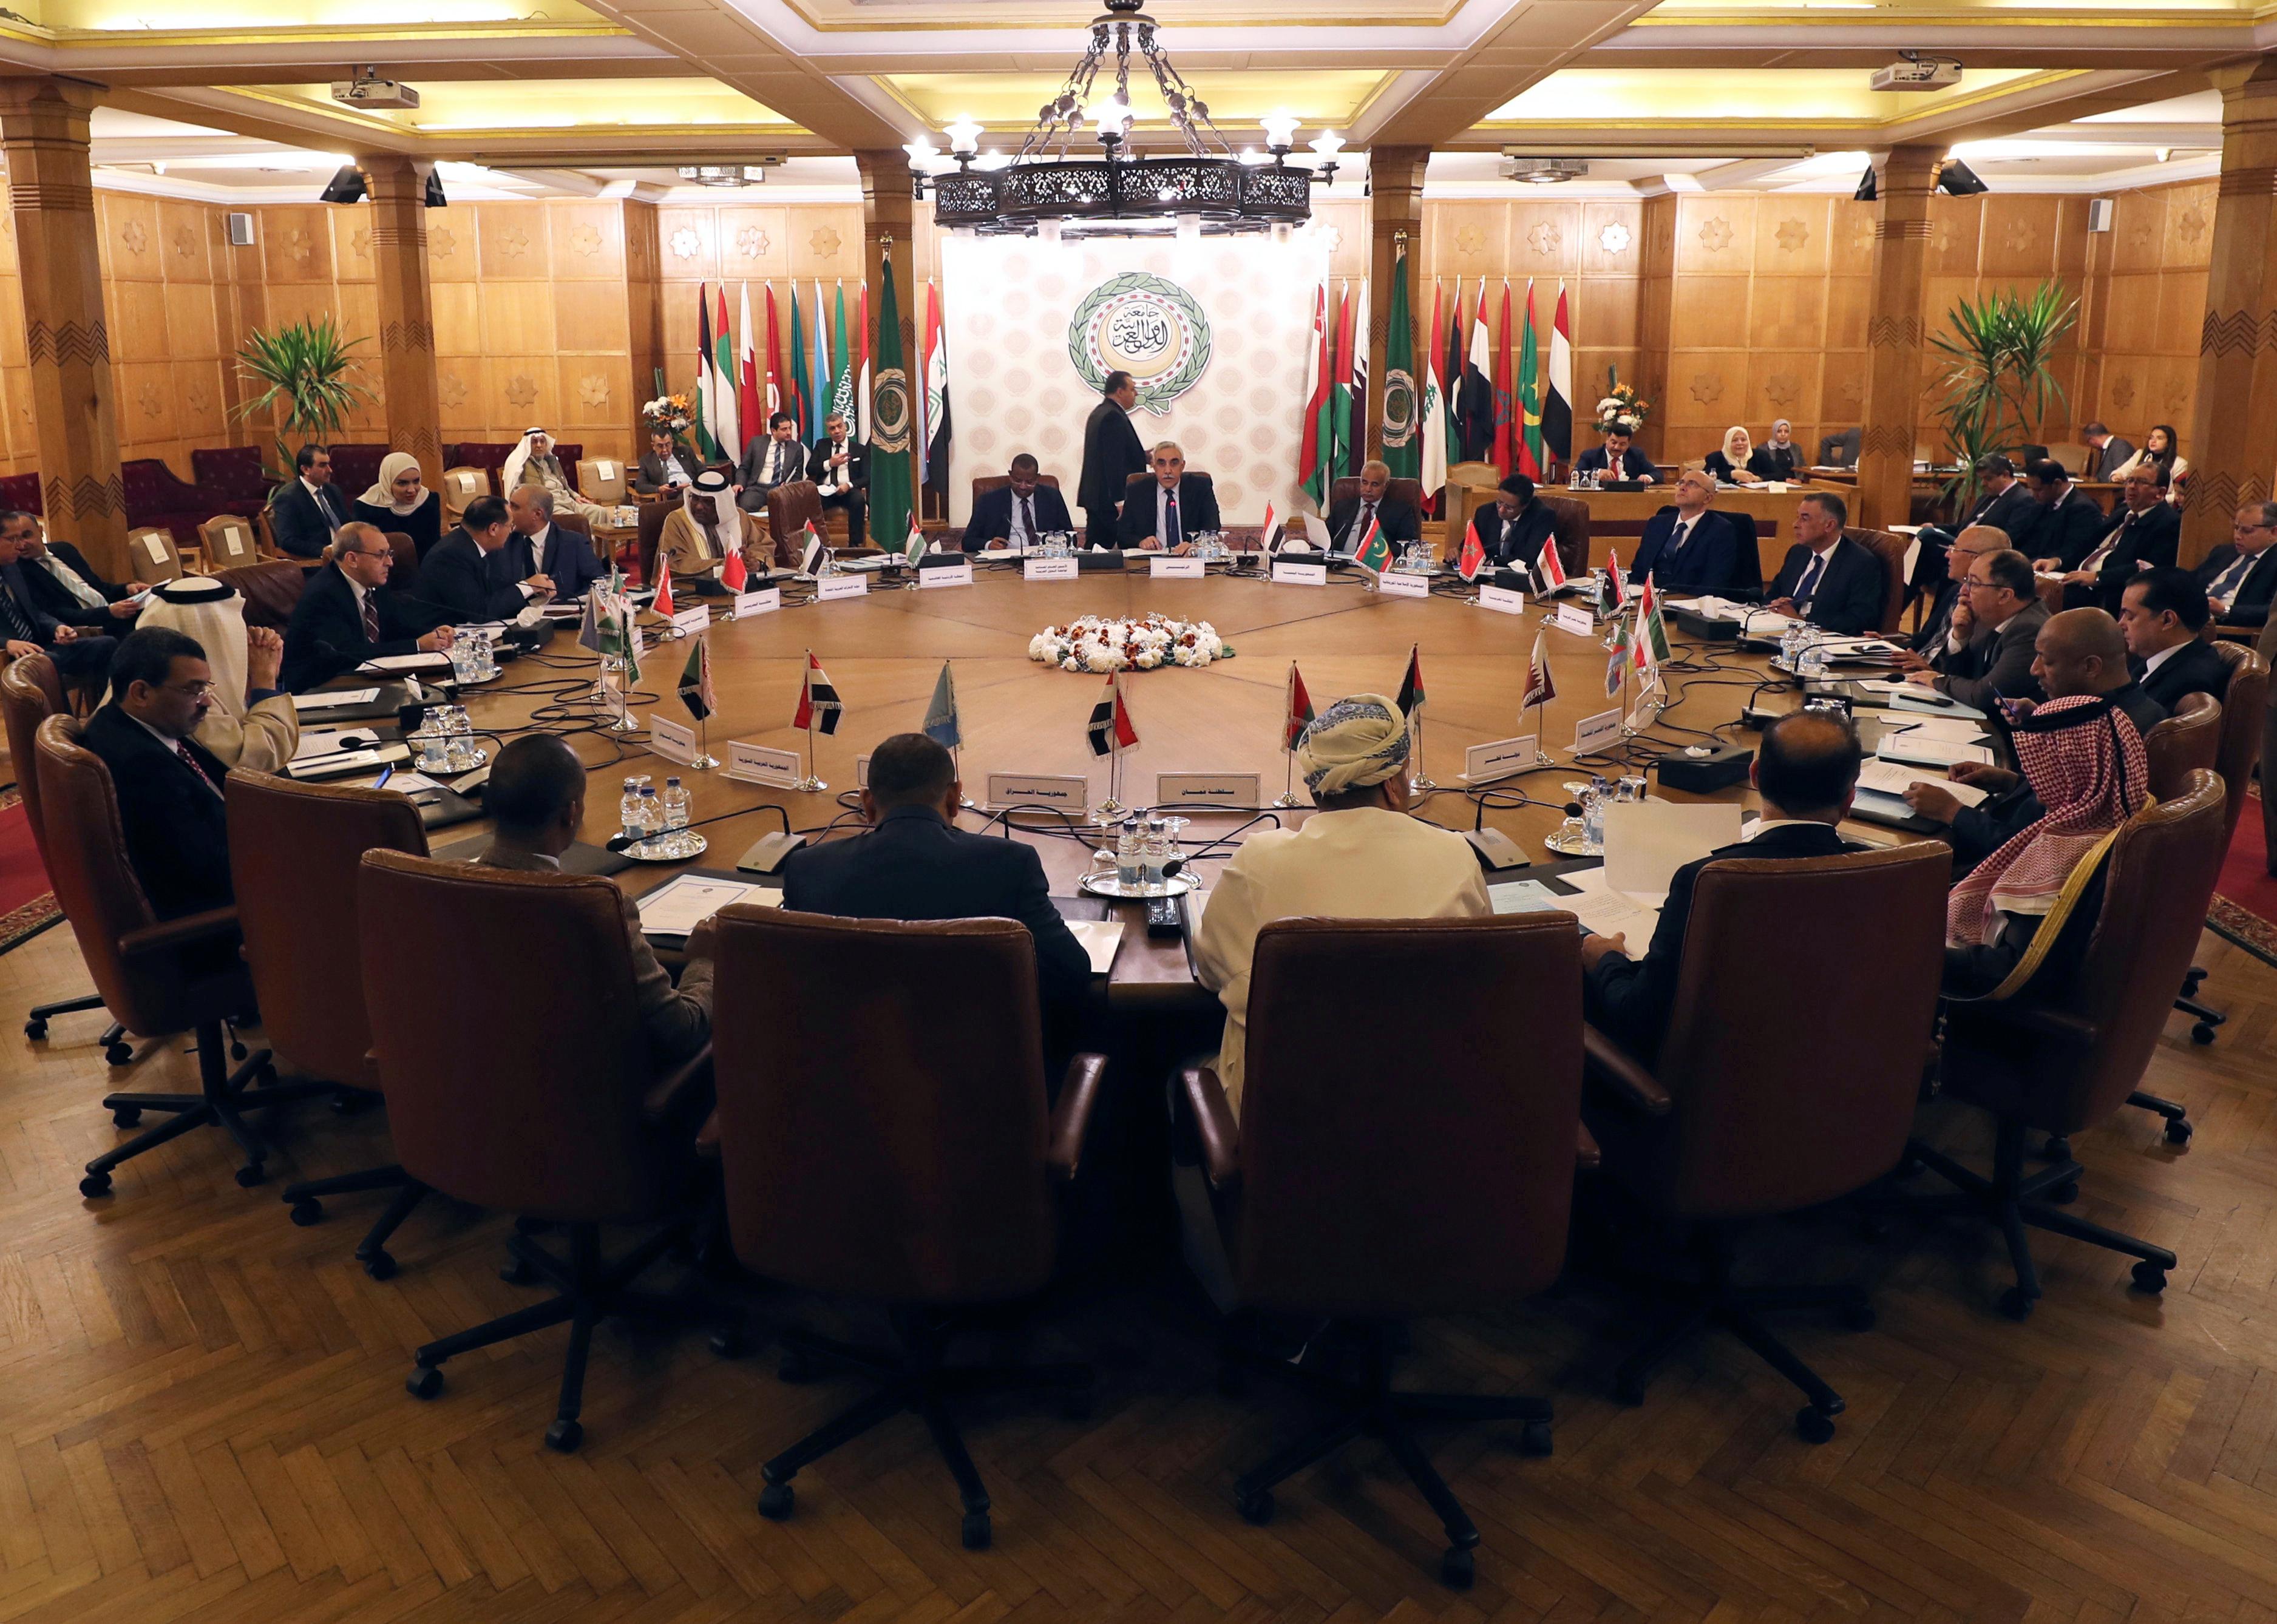 Αραβικός Σύνδεσμος: Καταδίκη της έγκρισης για τουρκικά στρατεύματα στη Λιβύη